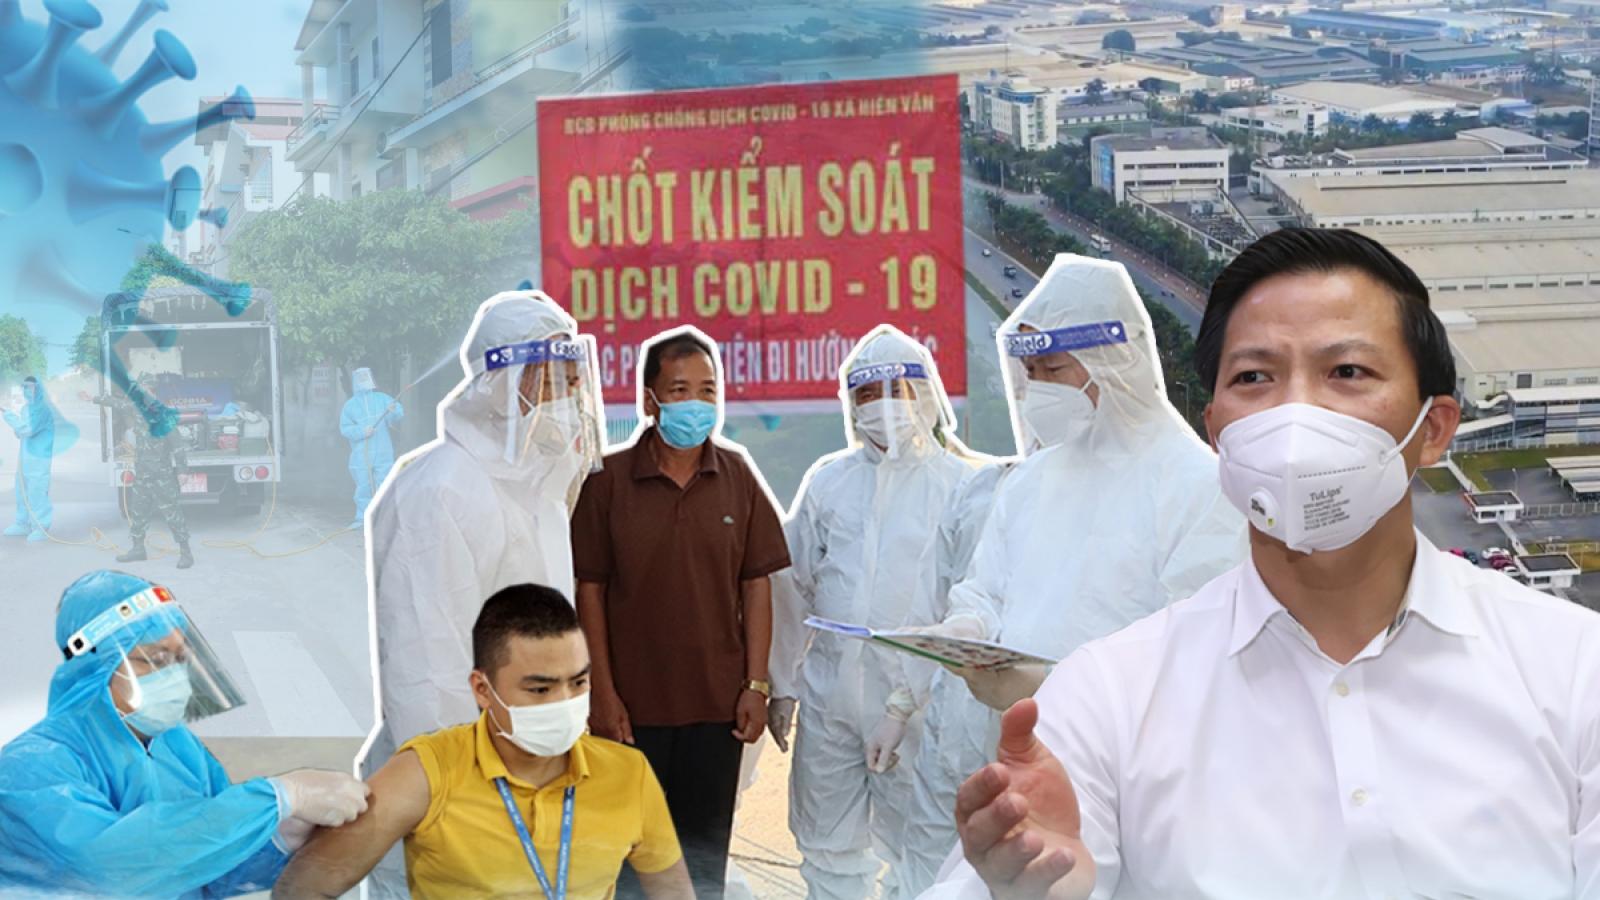 Chống dịch tại Bắc Ninh: Những quyết định chưa có tiền lệ